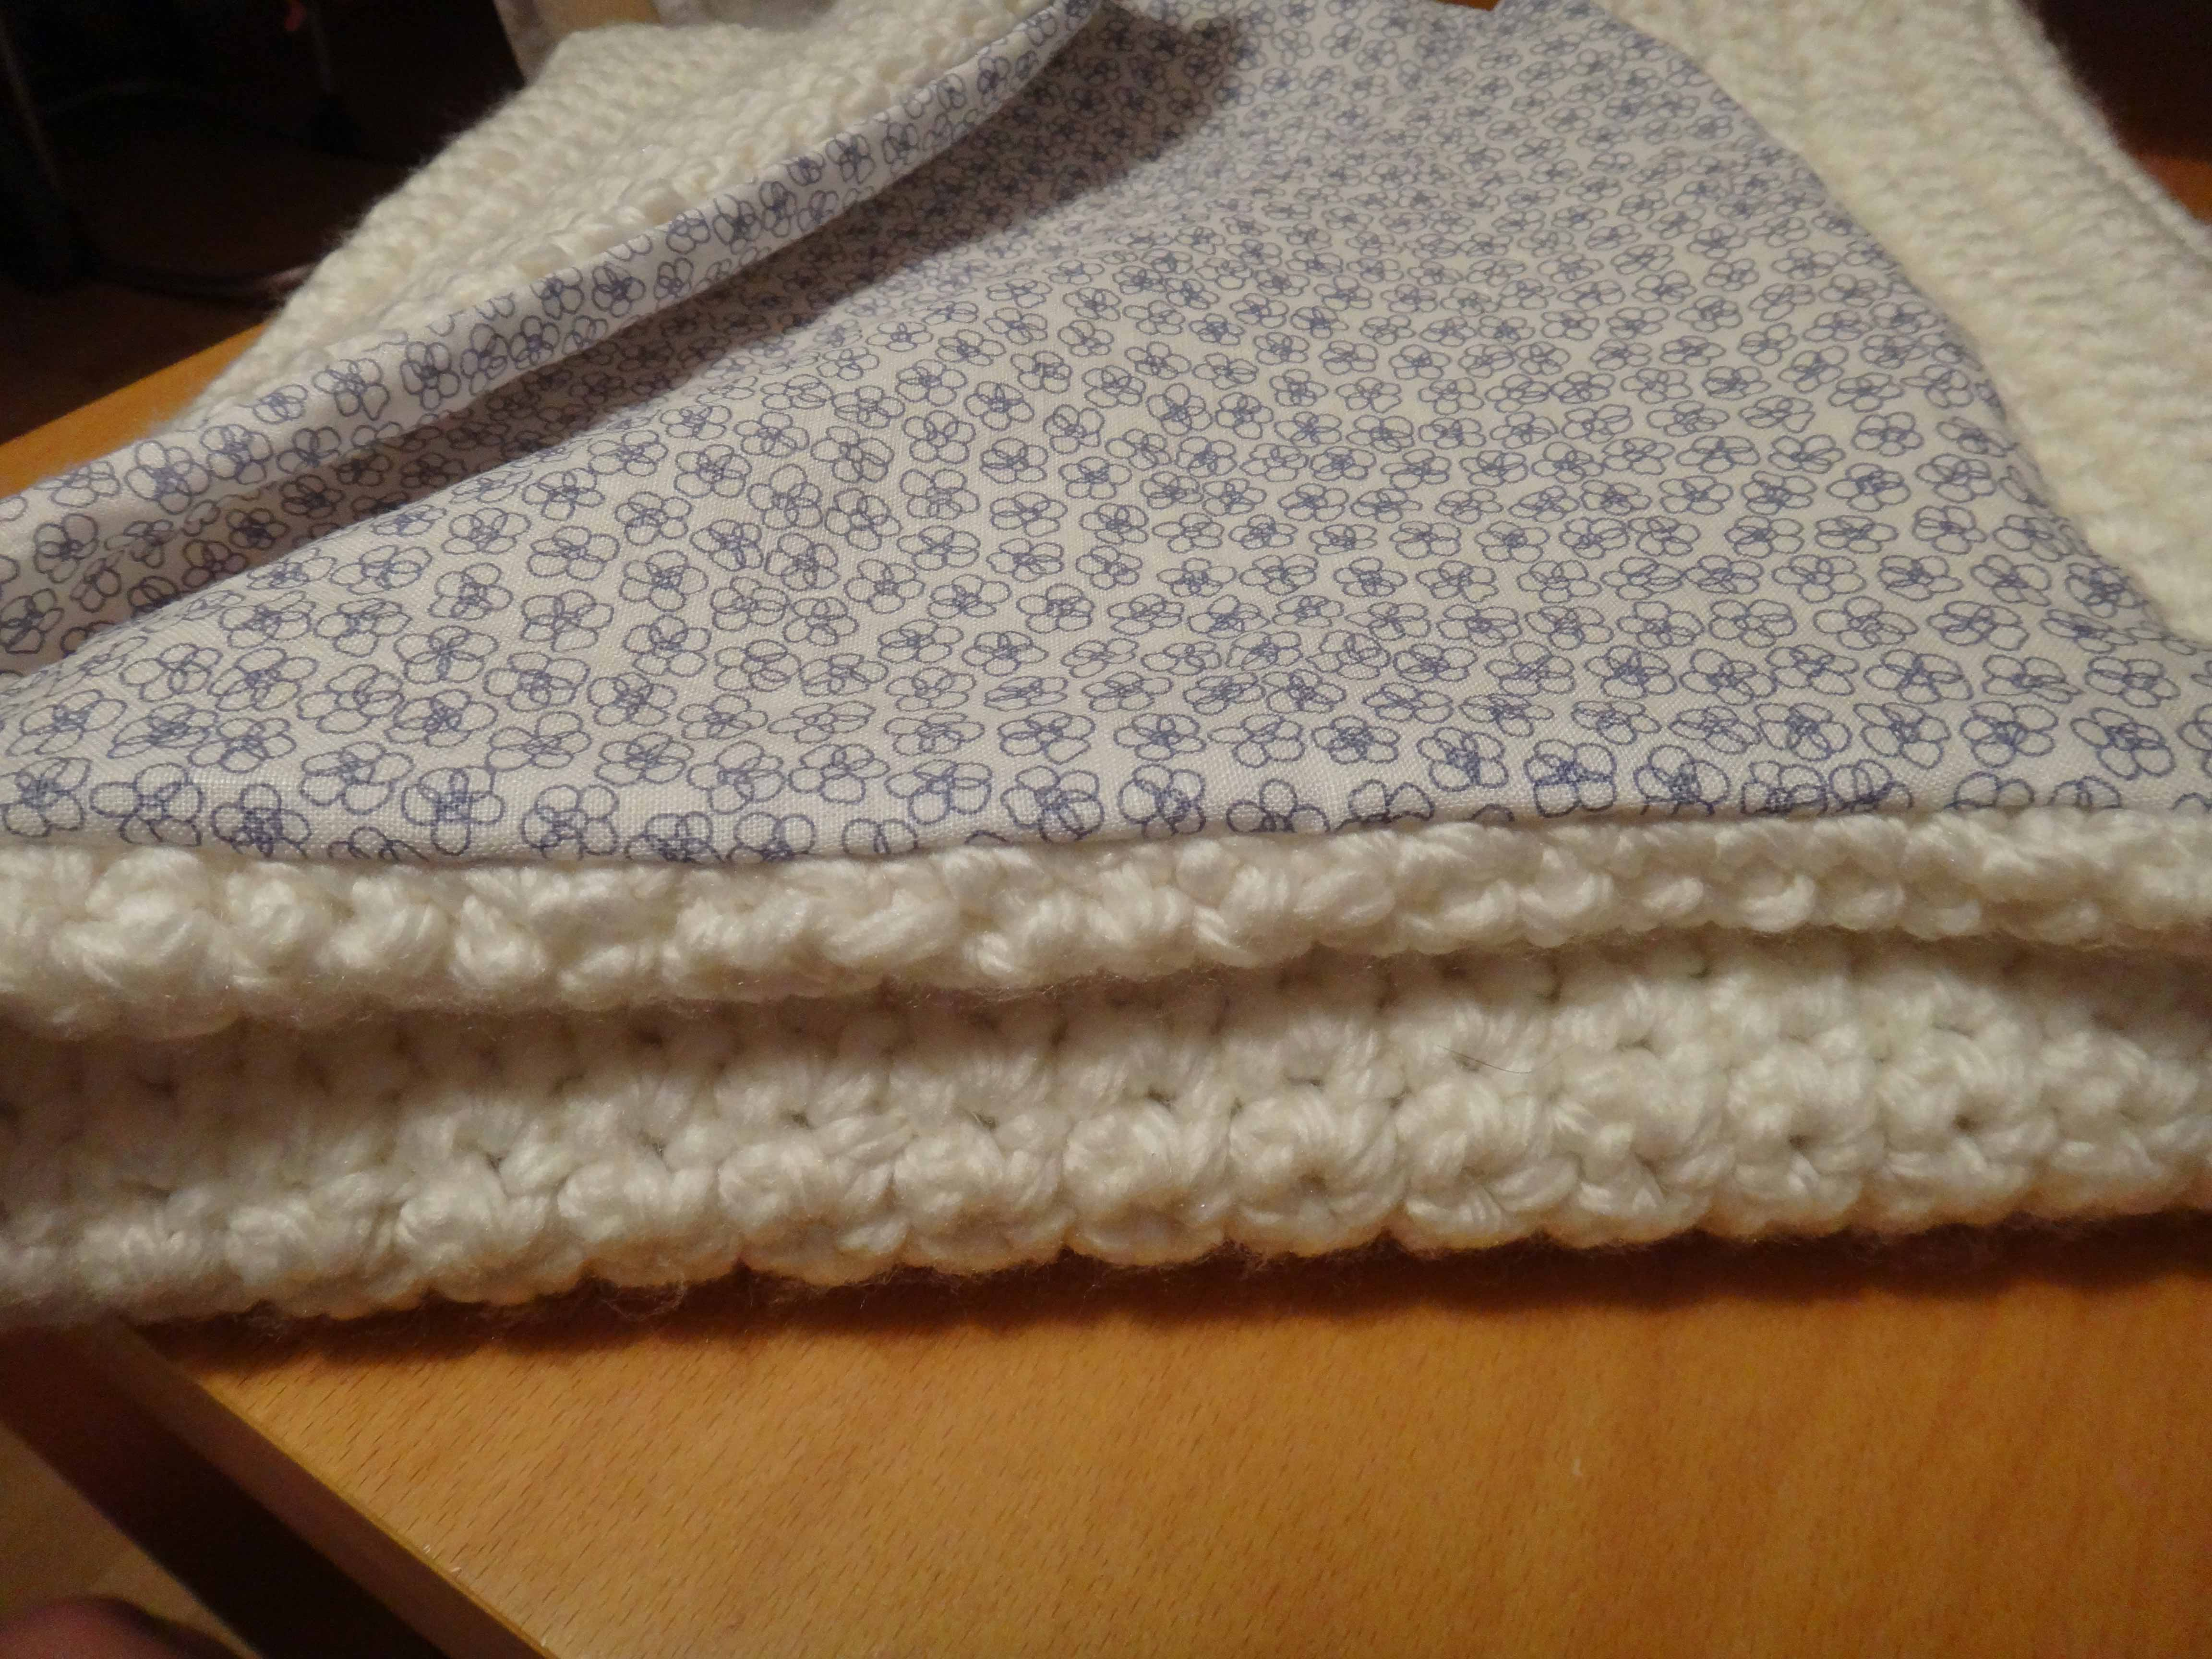 comment coudre une couverture pour bébé Tuto : La couverture en laine, travail d'equipe, mère/fille  comment coudre une couverture pour bébé